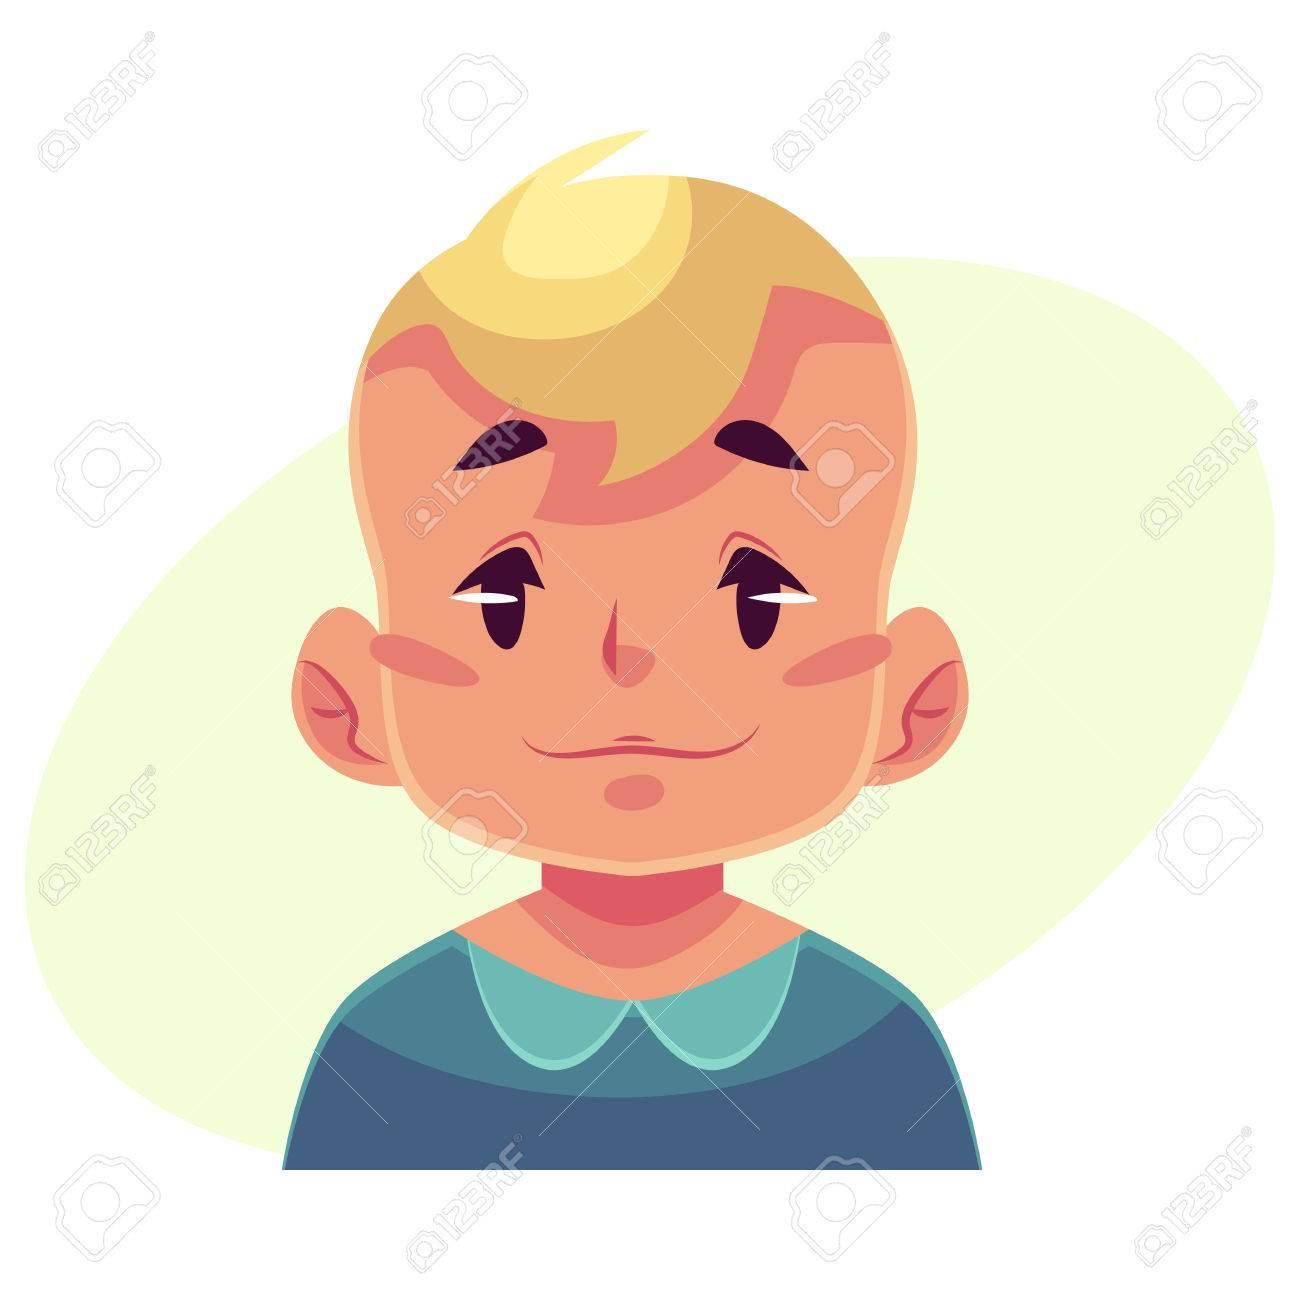 小さな少年の顔、中性表情が黄色の背景上に分離されて漫画ベクトル